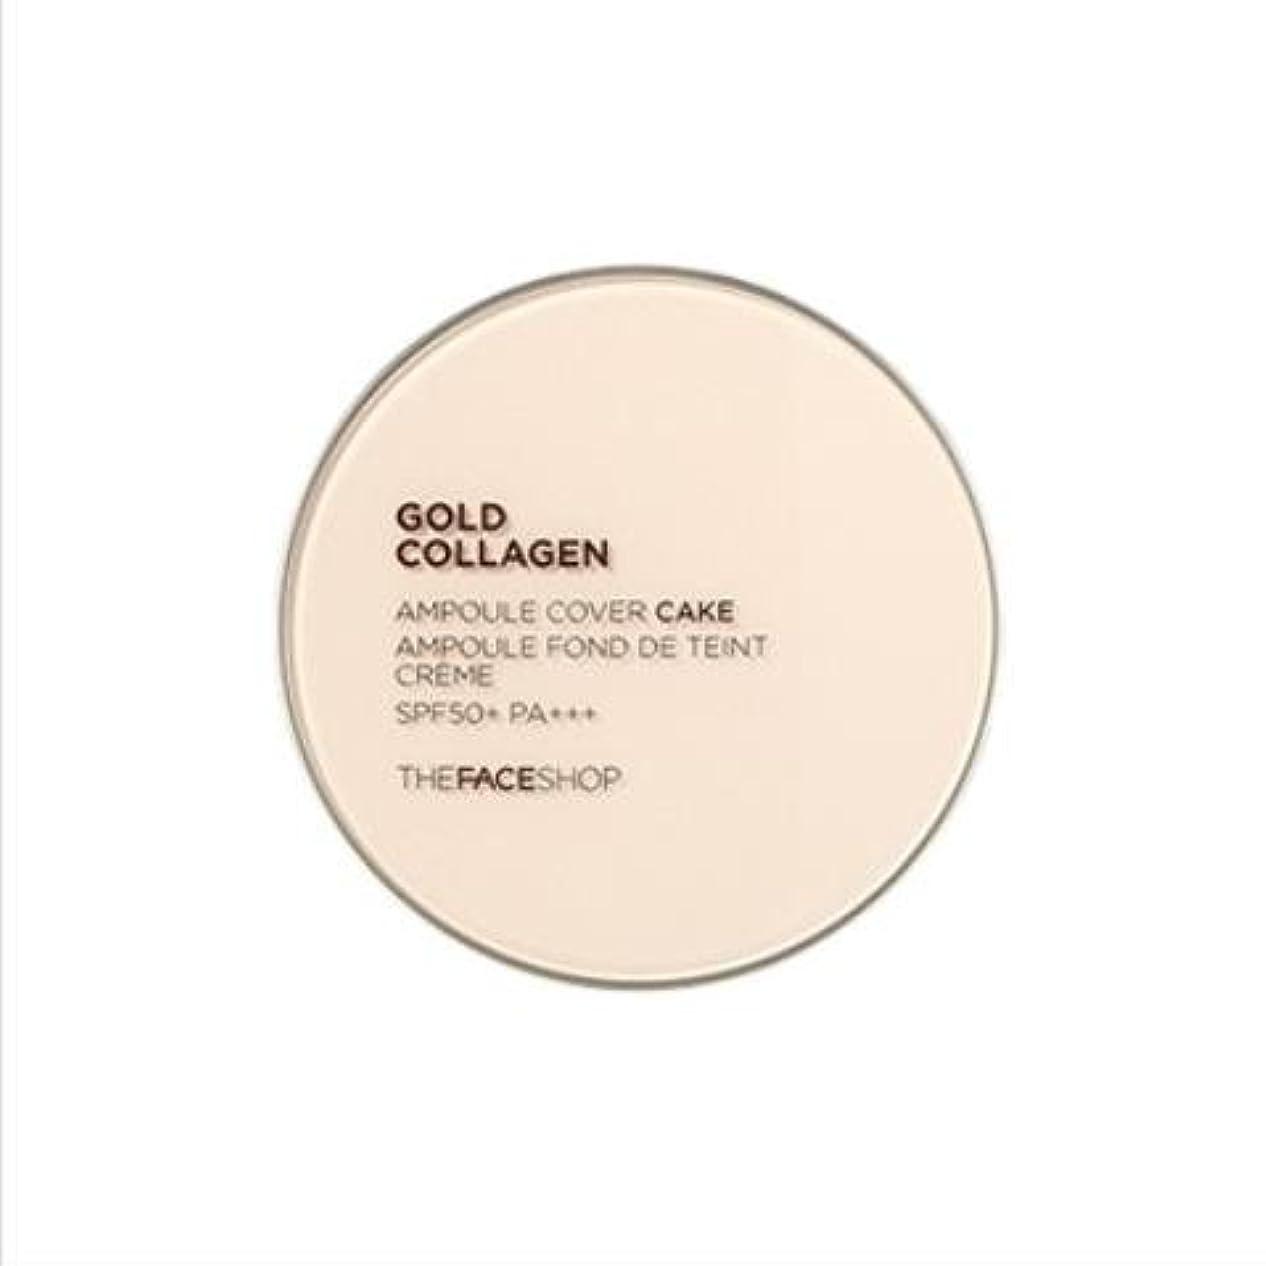 繁殖おなかがすいた冒険者[ザフェイスショップ] THE FACE SHOP [ゴールドコラーゲンアンプルカバー SPF50 PA+++ V201 APRICOT BEIGE] (GOLD COLLAGEN AMPOULE COVER CAKE SPF50 PA+++ V201 APRICOT BEIGE) [並行輸入品]